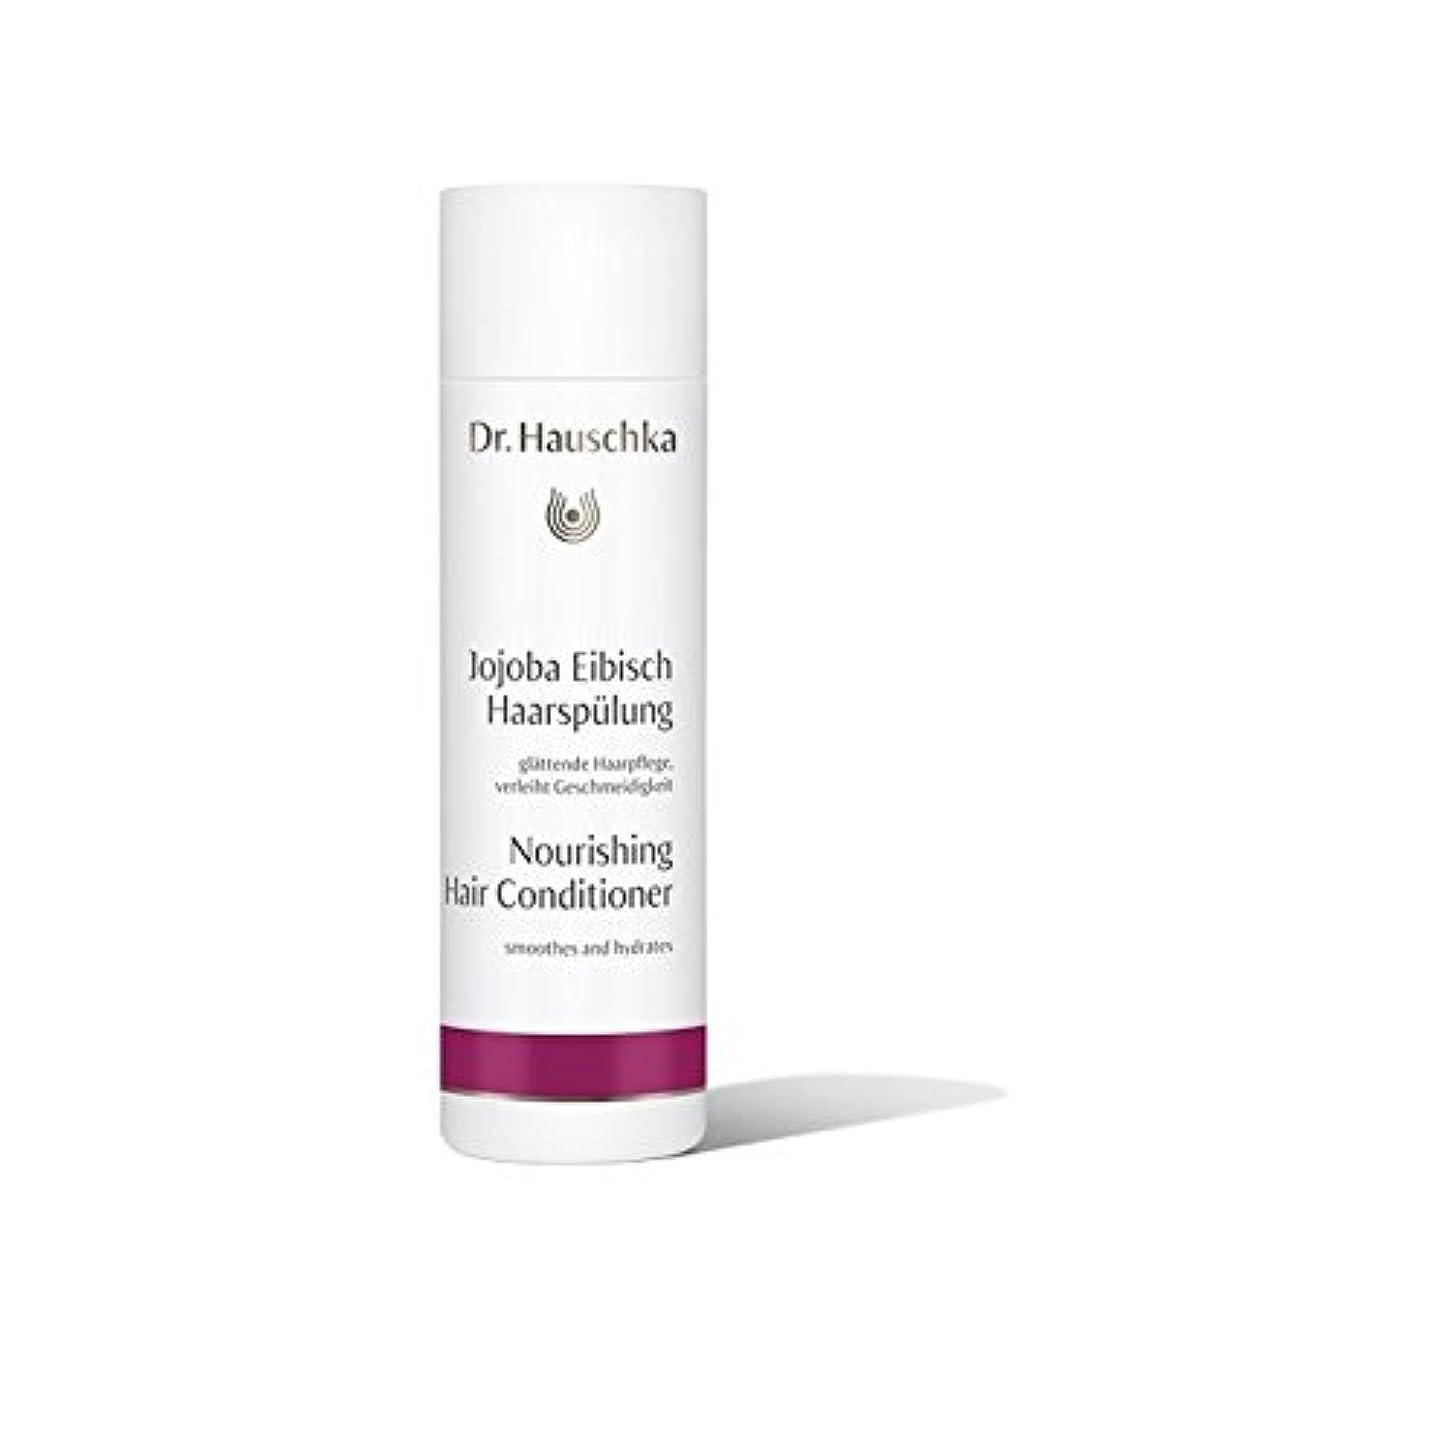 リテラシーのりピアースDr. Hauschka Nourishing Hair Conditioner (200ml) (Pack of 6) - ハウシュカ栄養ヘアコンディショナー(200ミリリットル) x6 [並行輸入品]